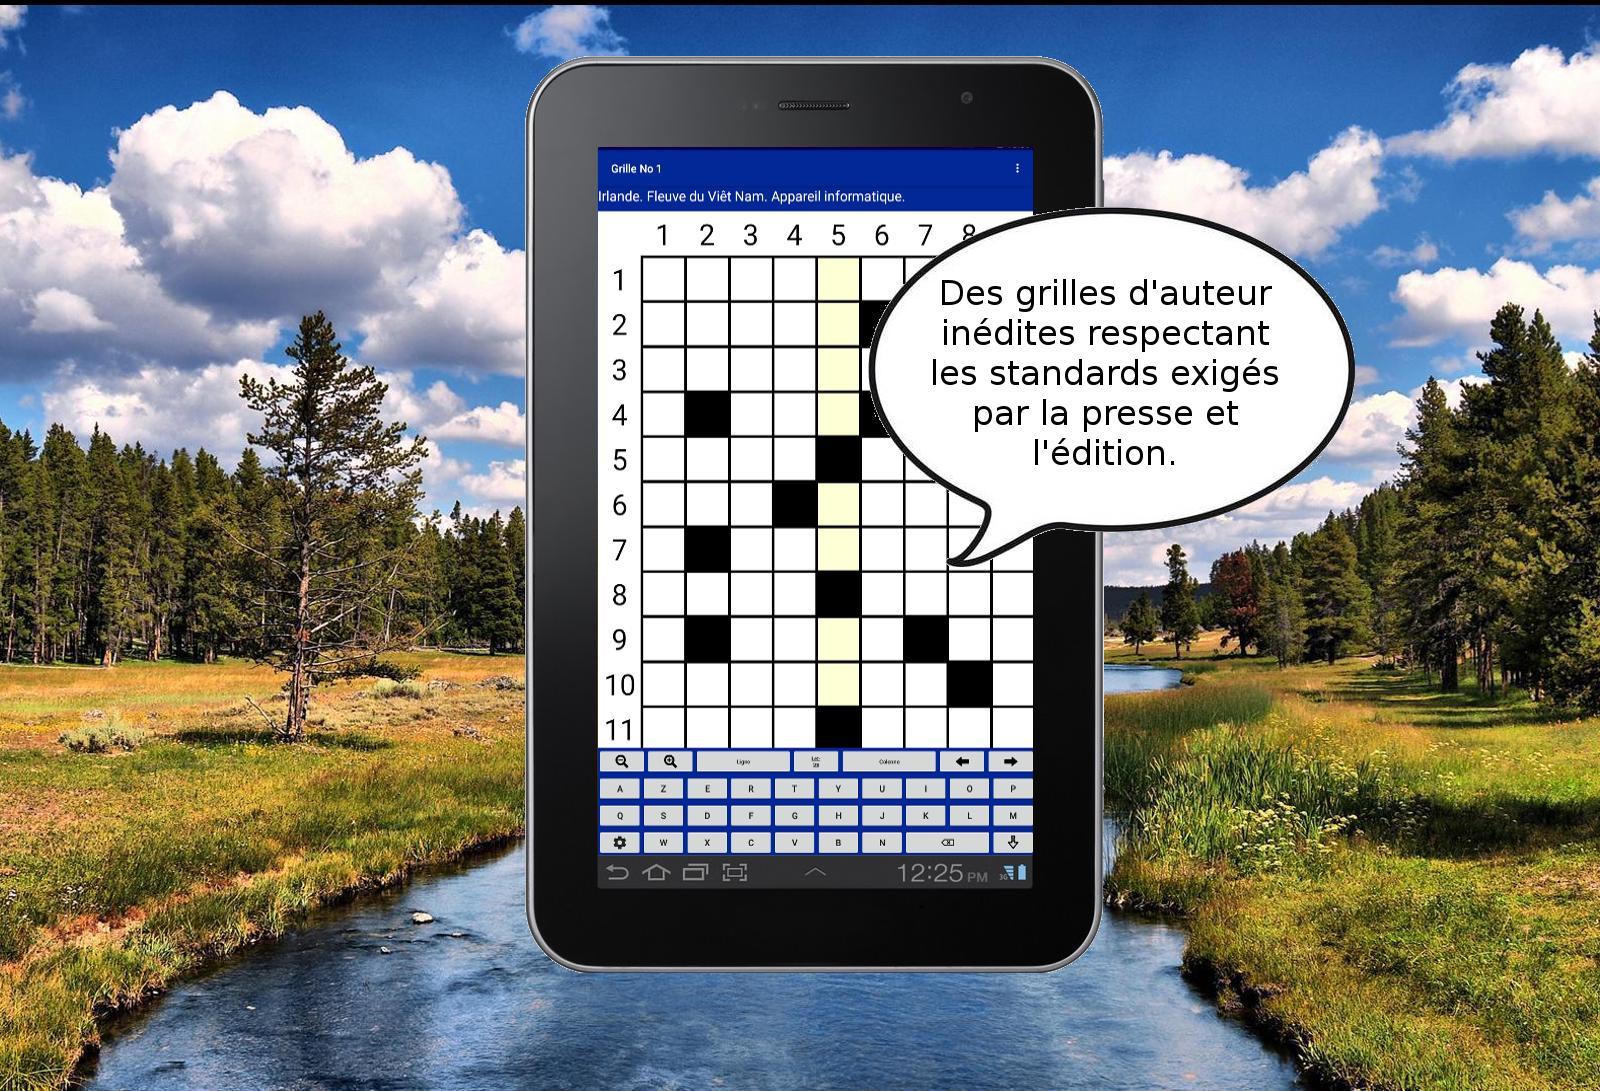 Android Için Mots Croisés Gratuits 2 - Jeu De Lettres. - Apk pour I Fleches Gratuit